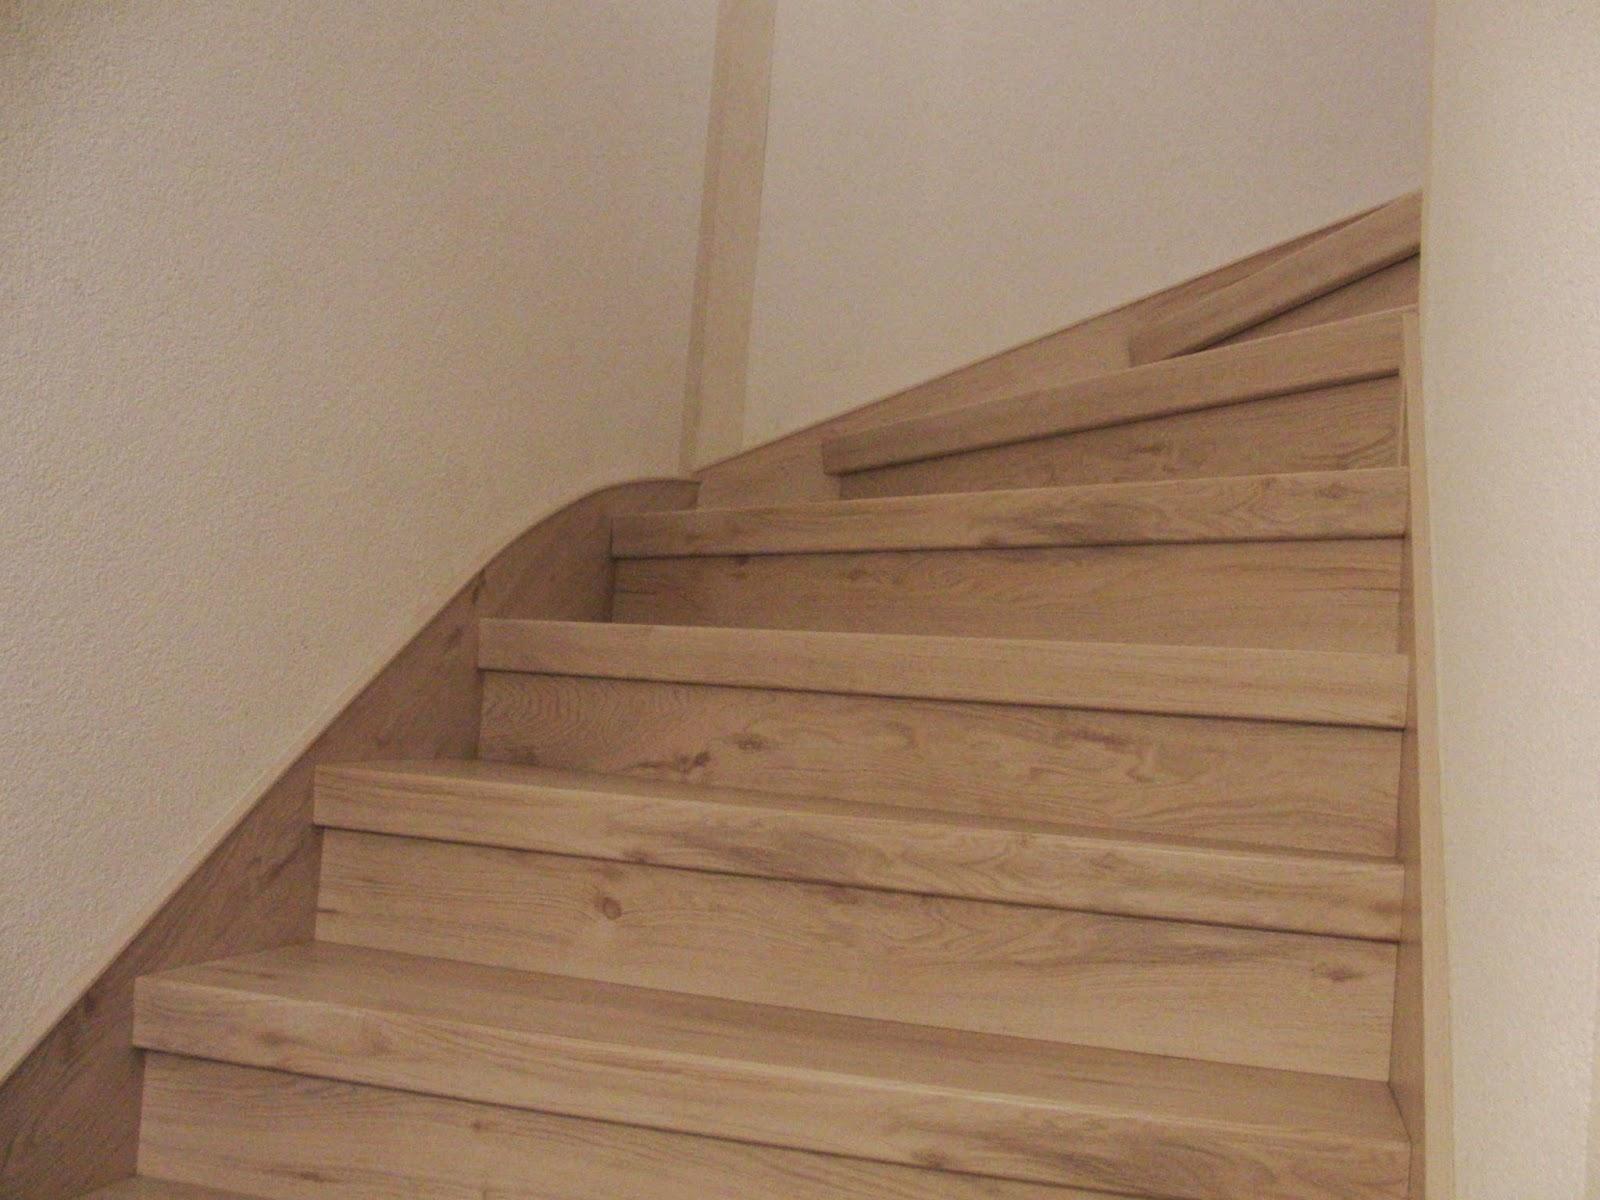 holz geländer treppe streichen   treppe weiß streichen dunkle treppe